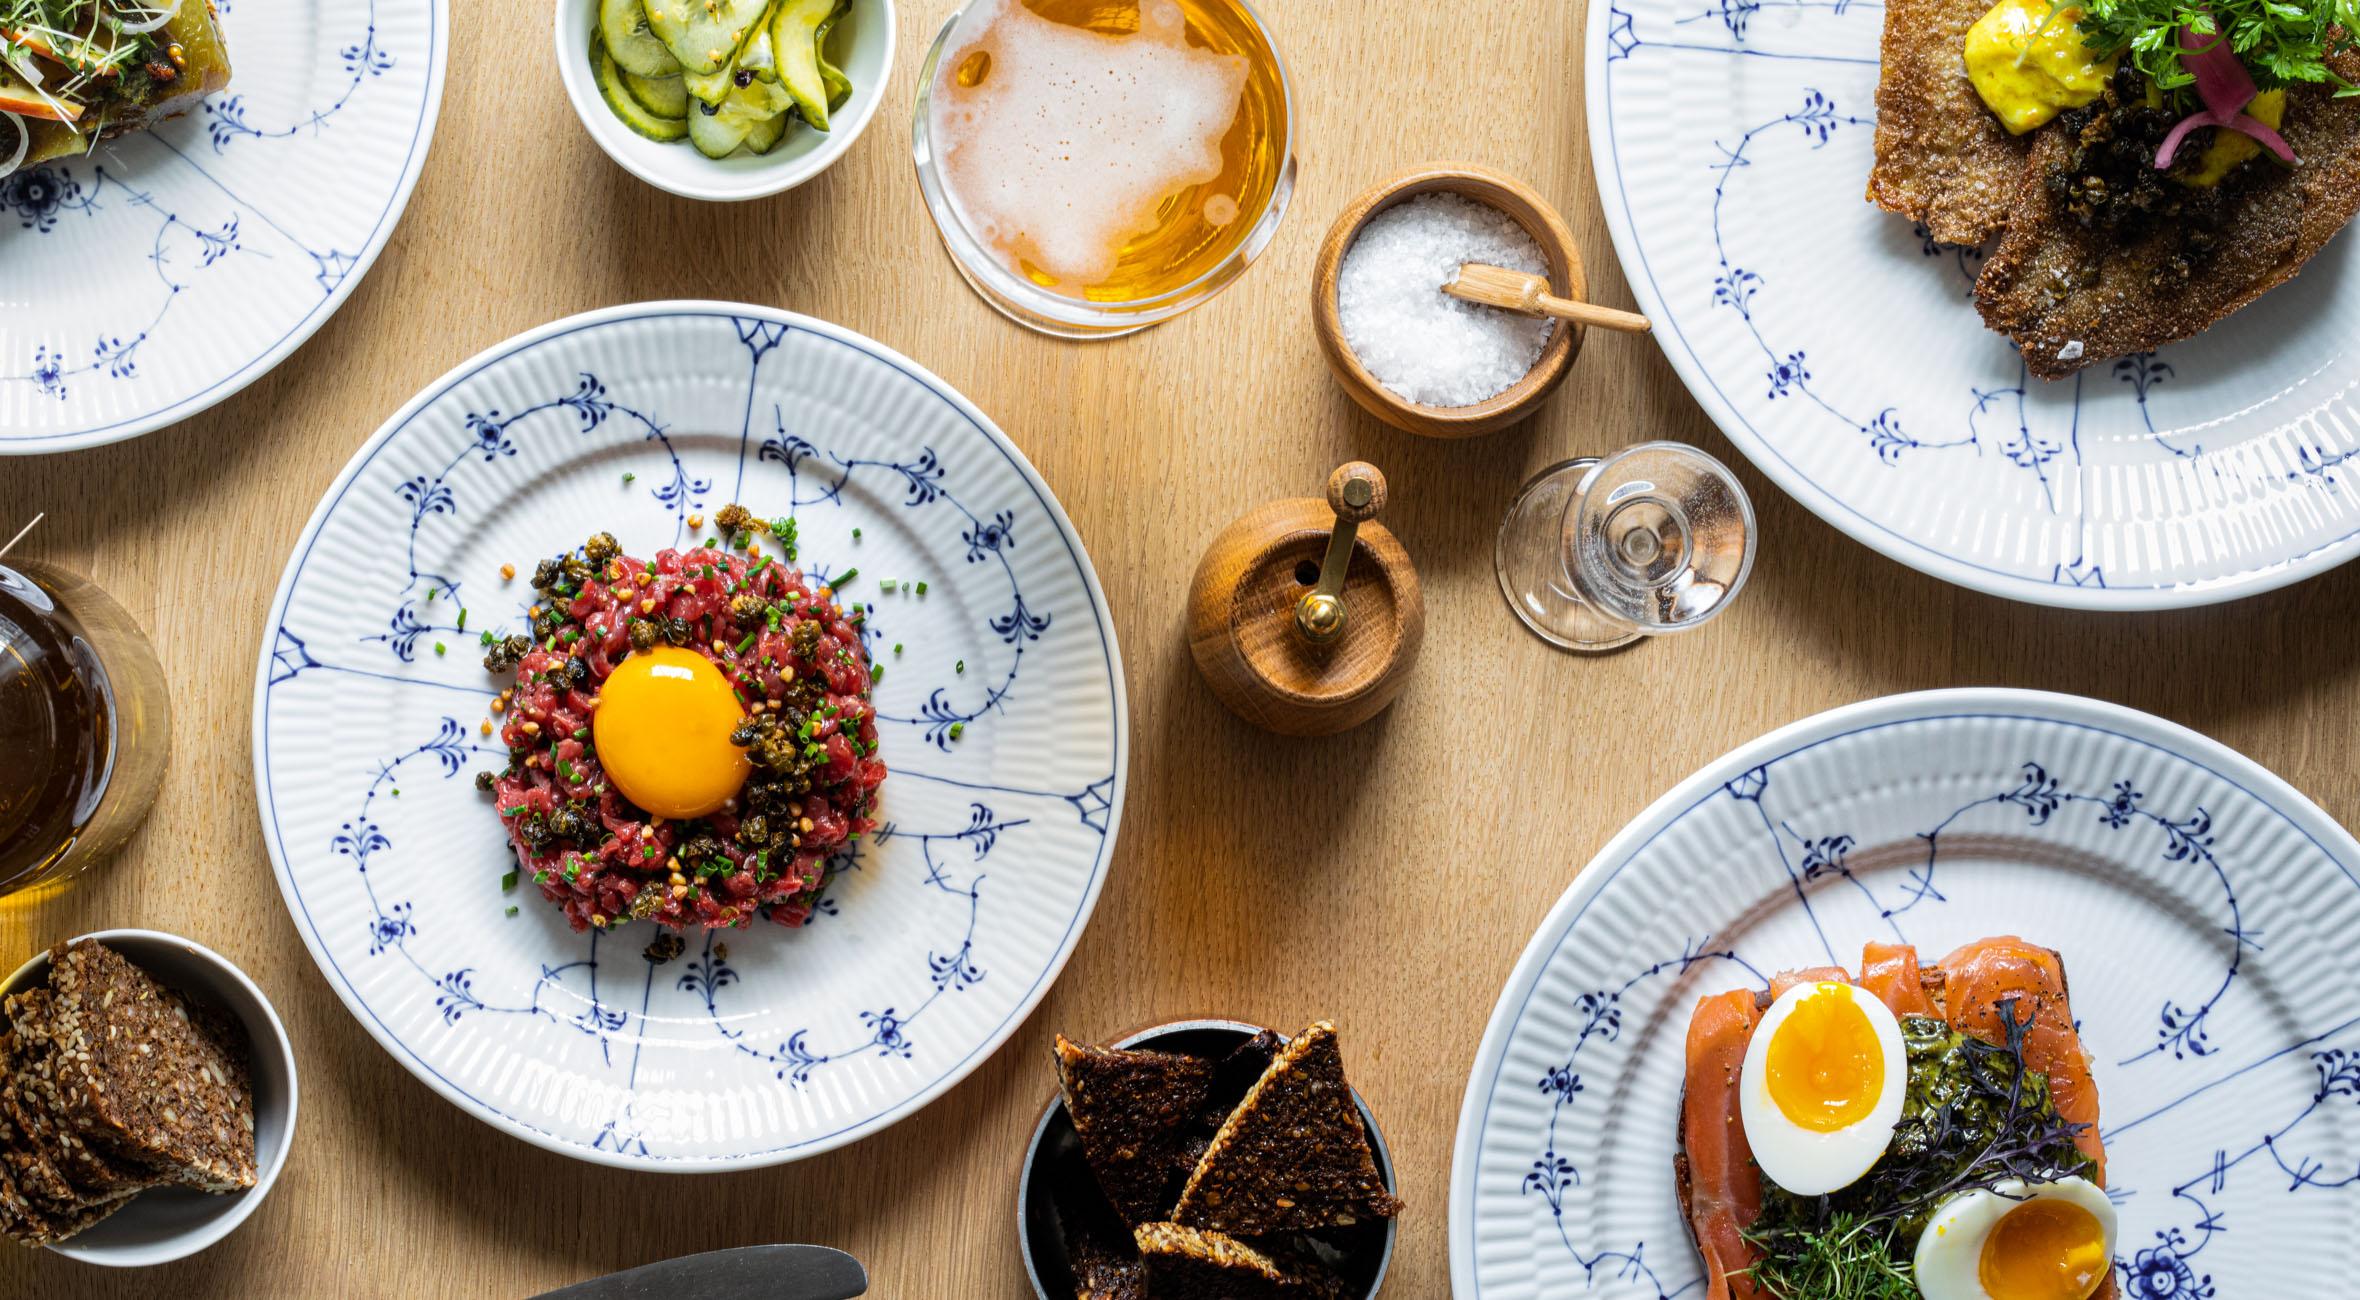 Frit valg til alt på smørrebrødskortet hos Restaurant Frihavn – Ny smørrebrødsrestaurant er åbnet i historisk bindingsværkshus